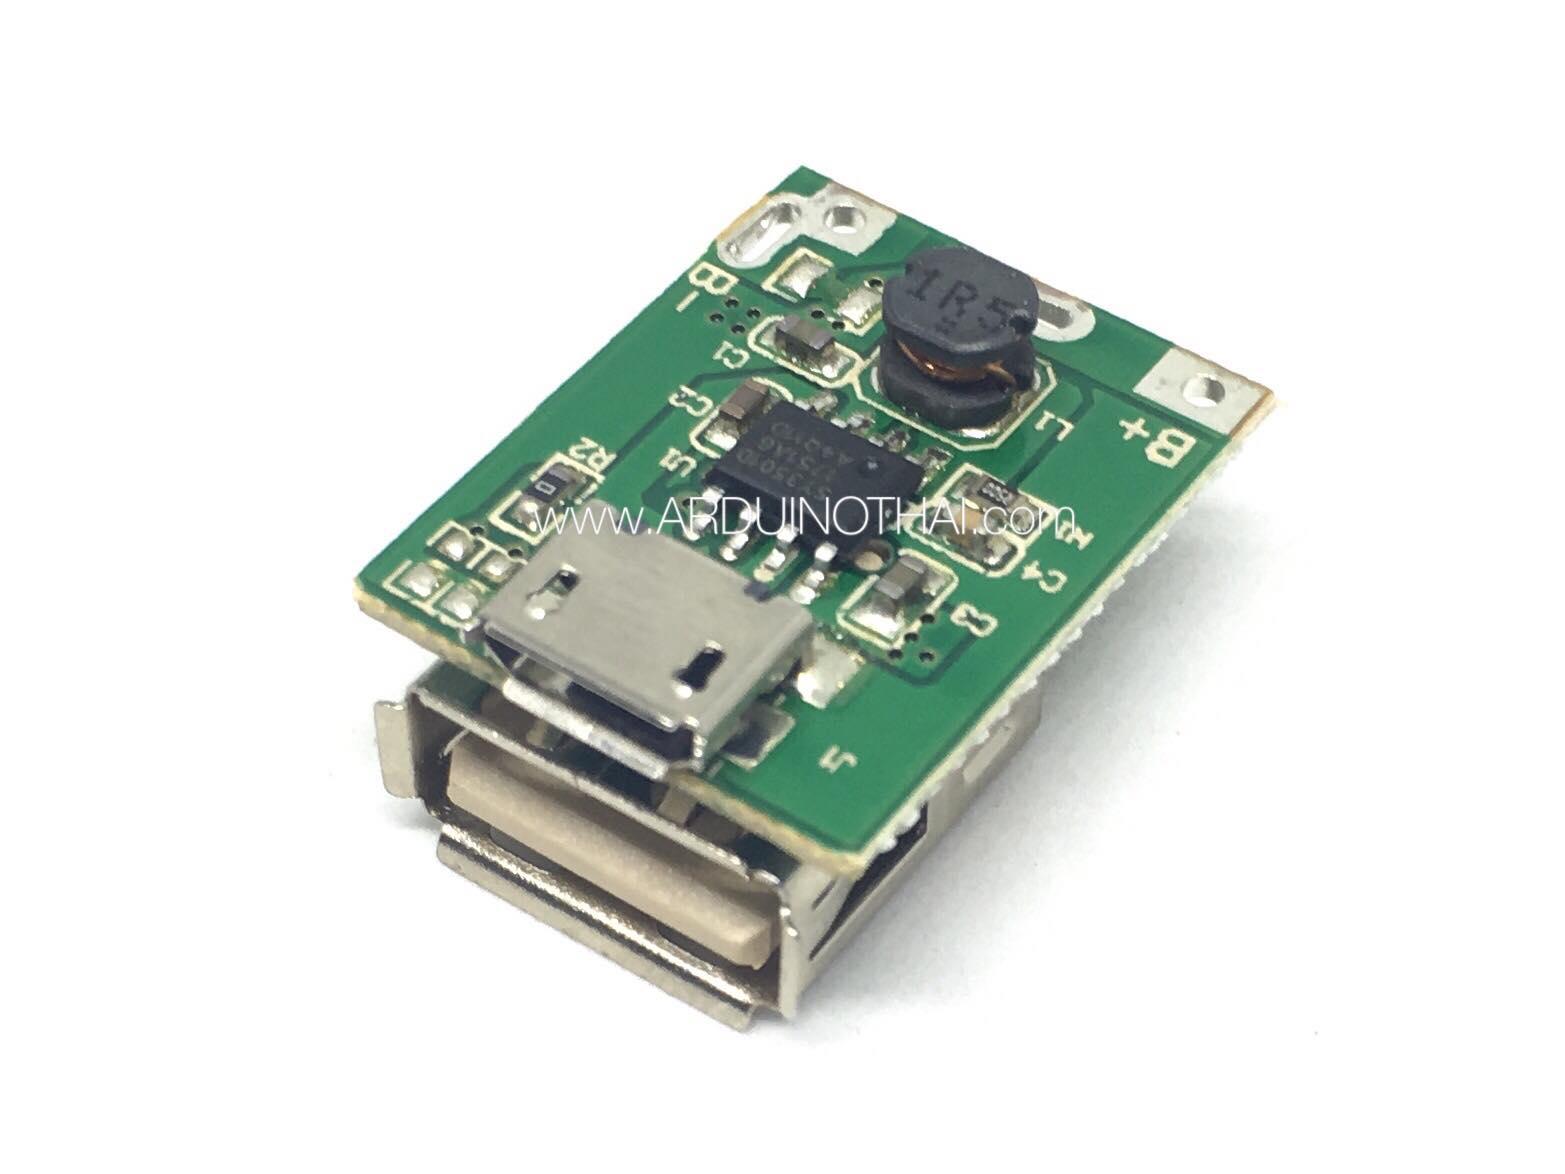 โมดูลชาร์จแปลงแรงดันสำหรับแบต18650 และแบต Lithium (ทำ Power Bank DIY)